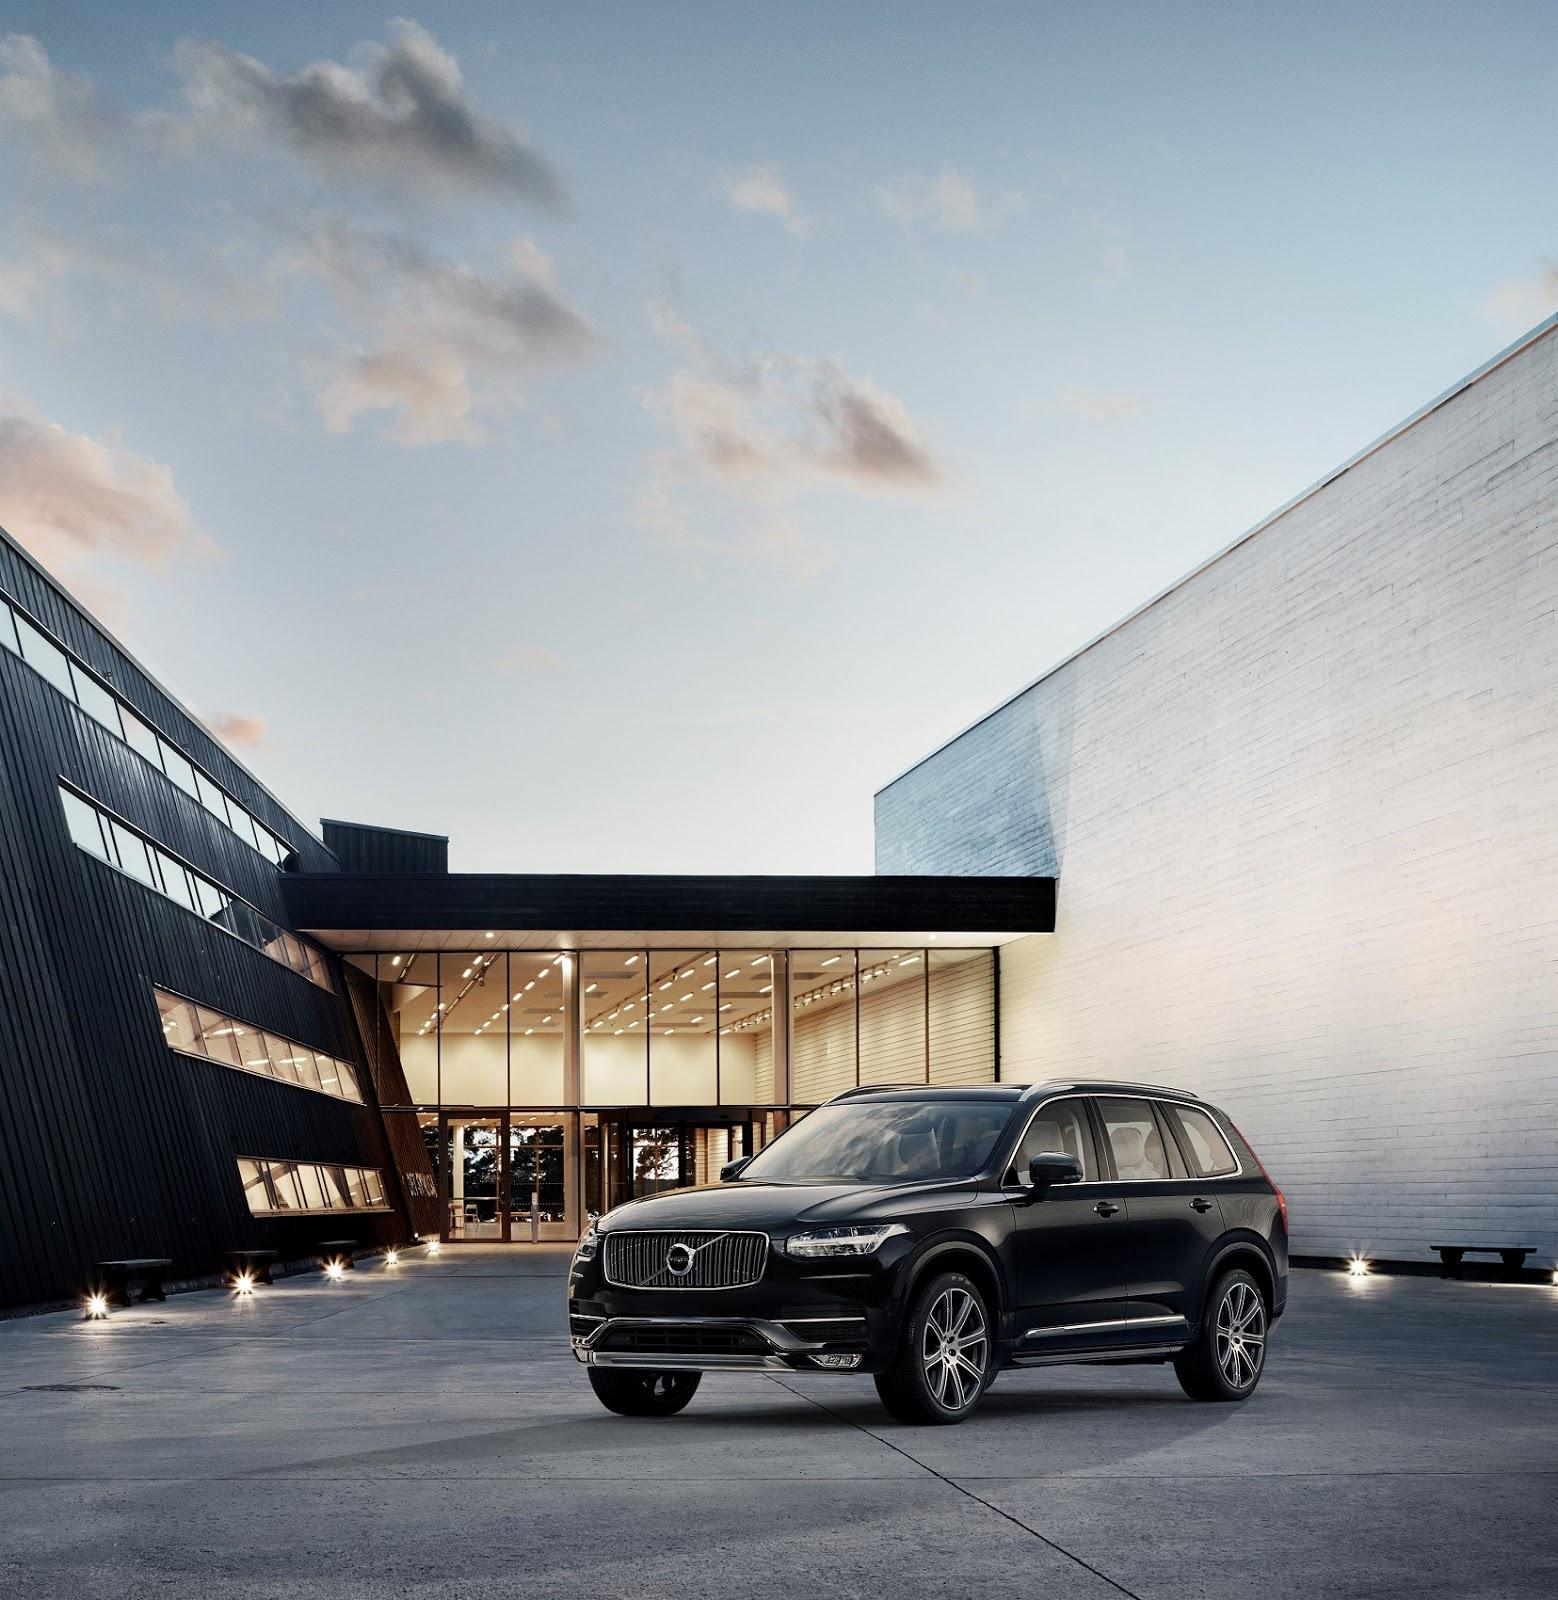 VOLVO2B25262BMODERN2BLUXURY2B3 Η Volvo και η εξέλιξη της «μοντέρνας πολυτέλειας» Volvo, Volvo S90, Volvo XC90